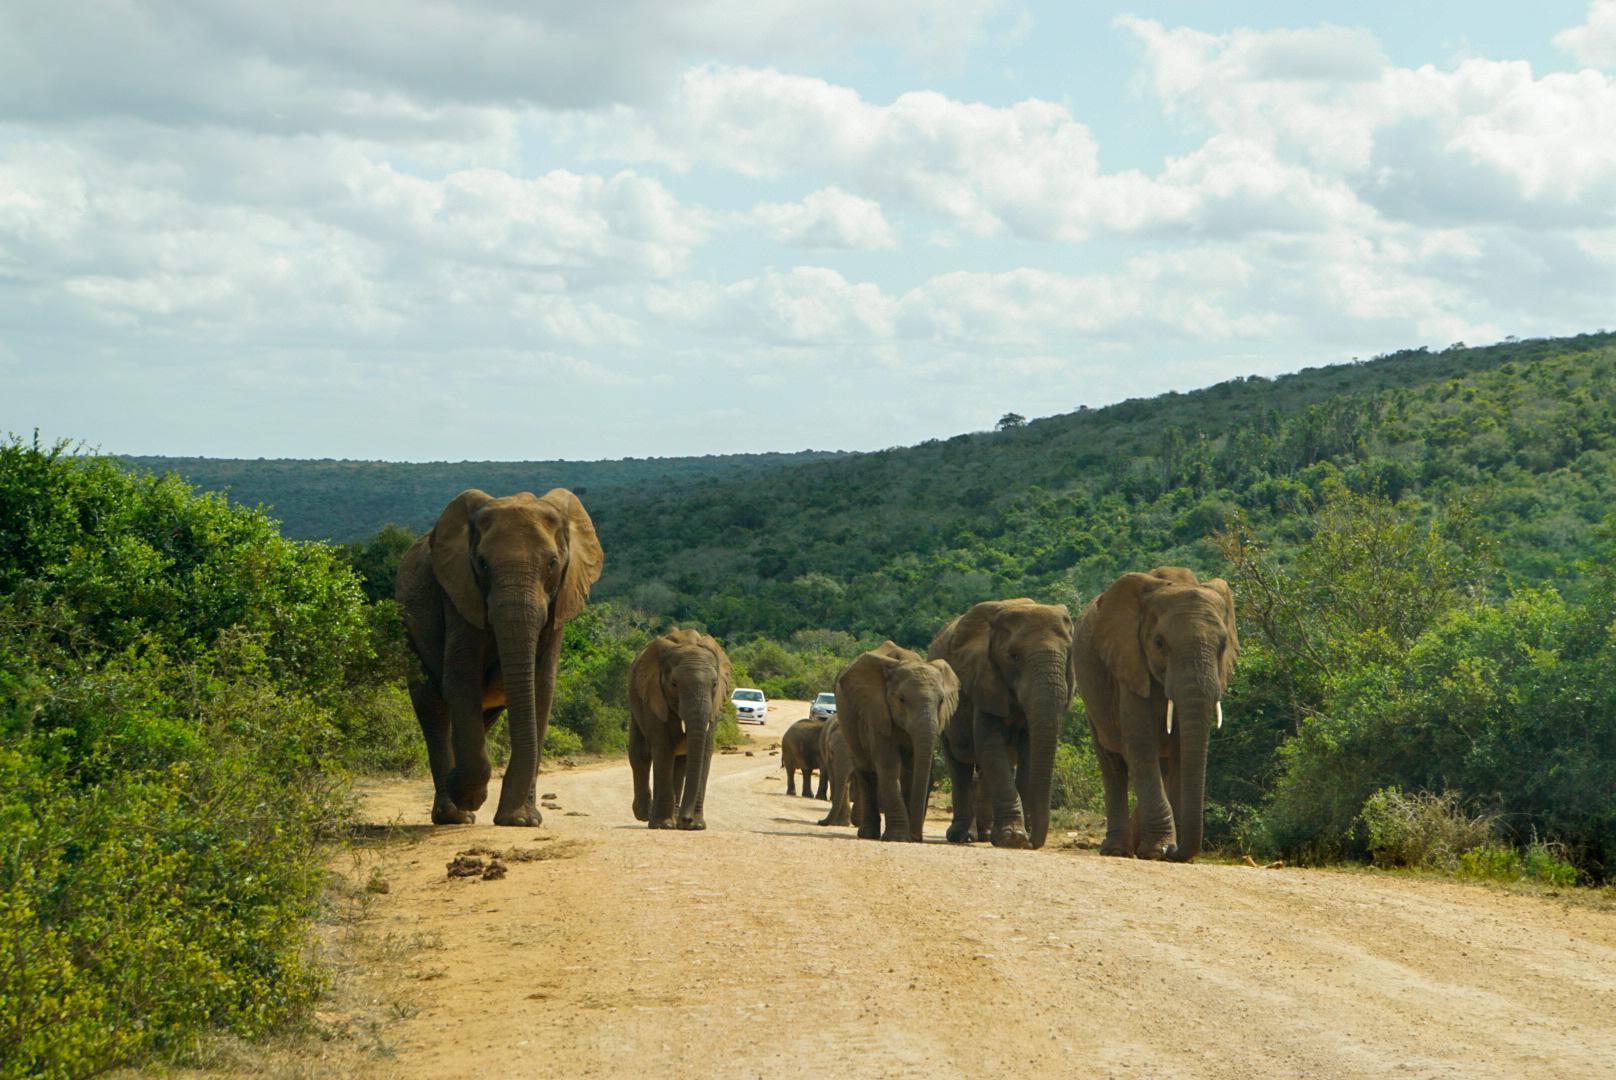 Eine Elefantenherde geht völlig entspannt auf einer Straße im Addo National Elephant Park Südafrika